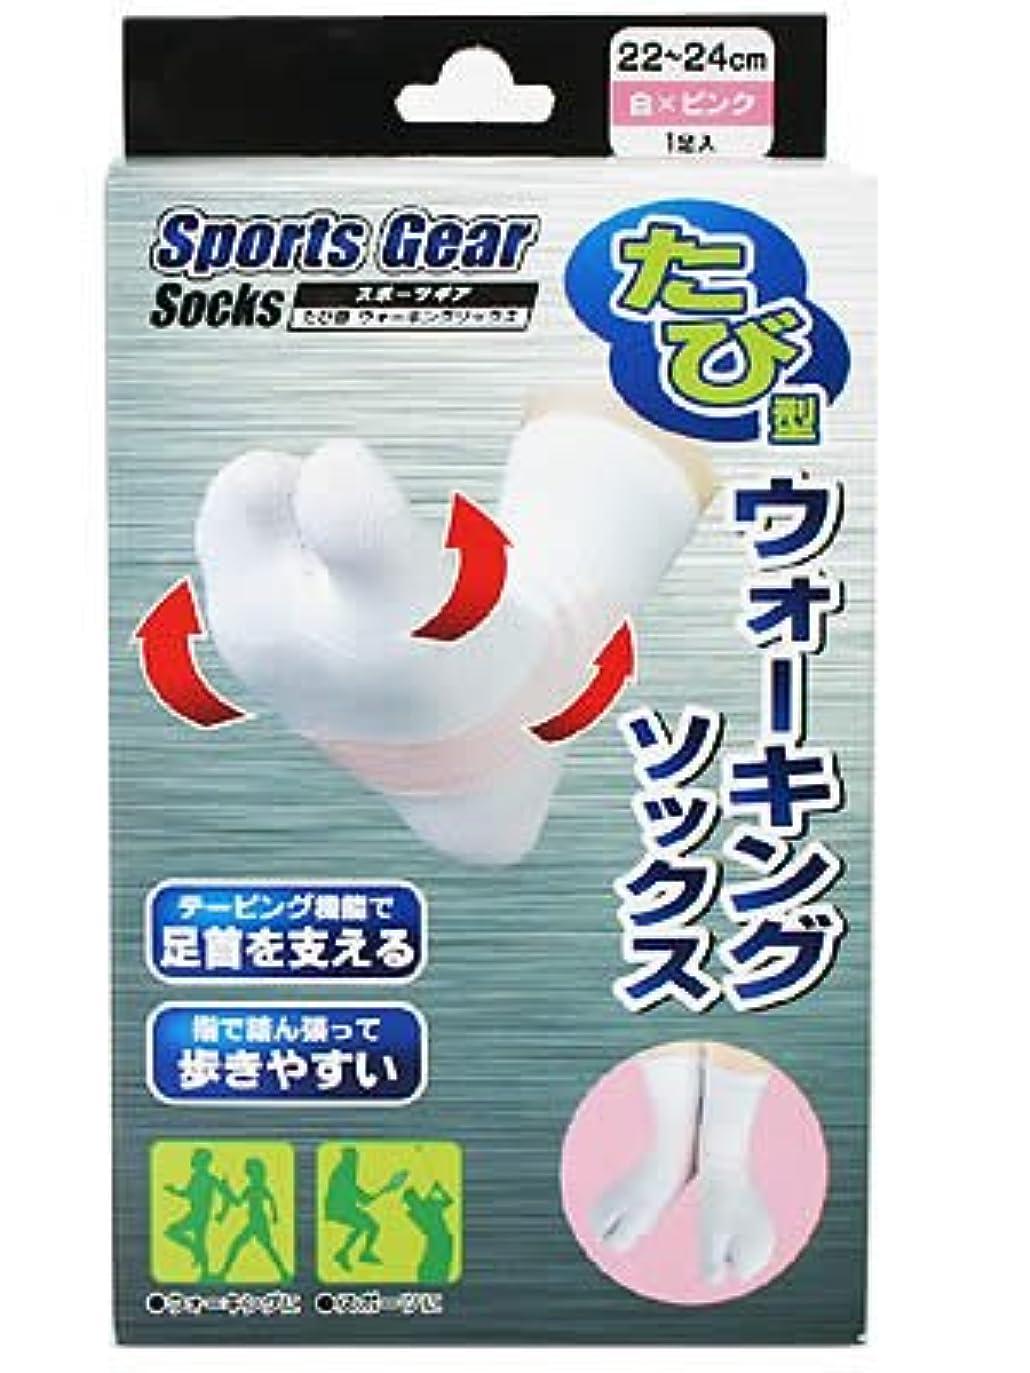 閉じ込める伝説クルーズスポーツギア たび型 ウォーキングソックス 22~24cm 白×ピンク